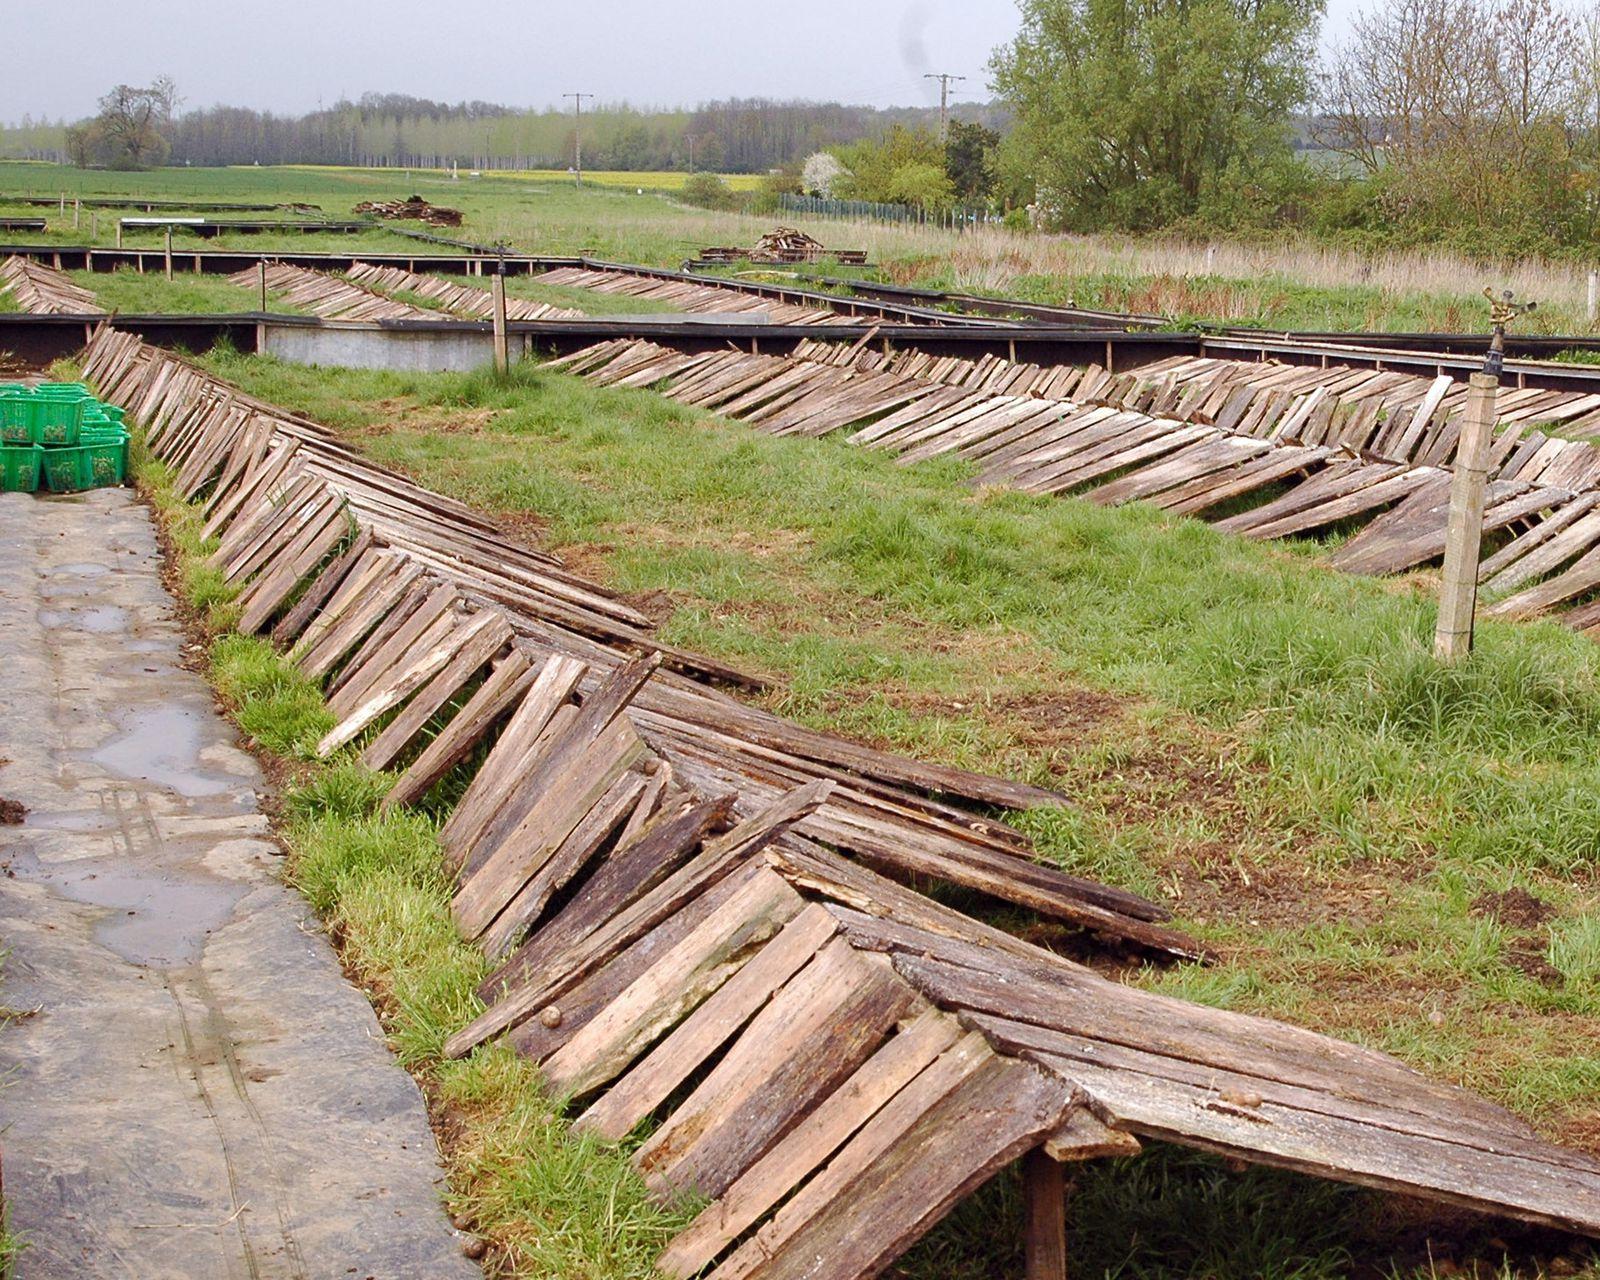 Installation Des Parcs D'élevage - Le Blog Escargot.fr Et intérieur Elevage Escargot